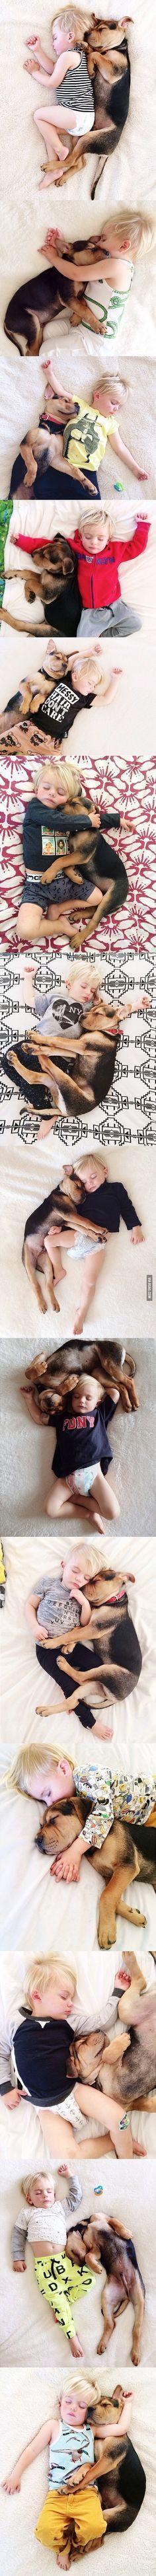 Nos encantan estas fotos de un #cachorro con #niño, ambos durmiendo :)